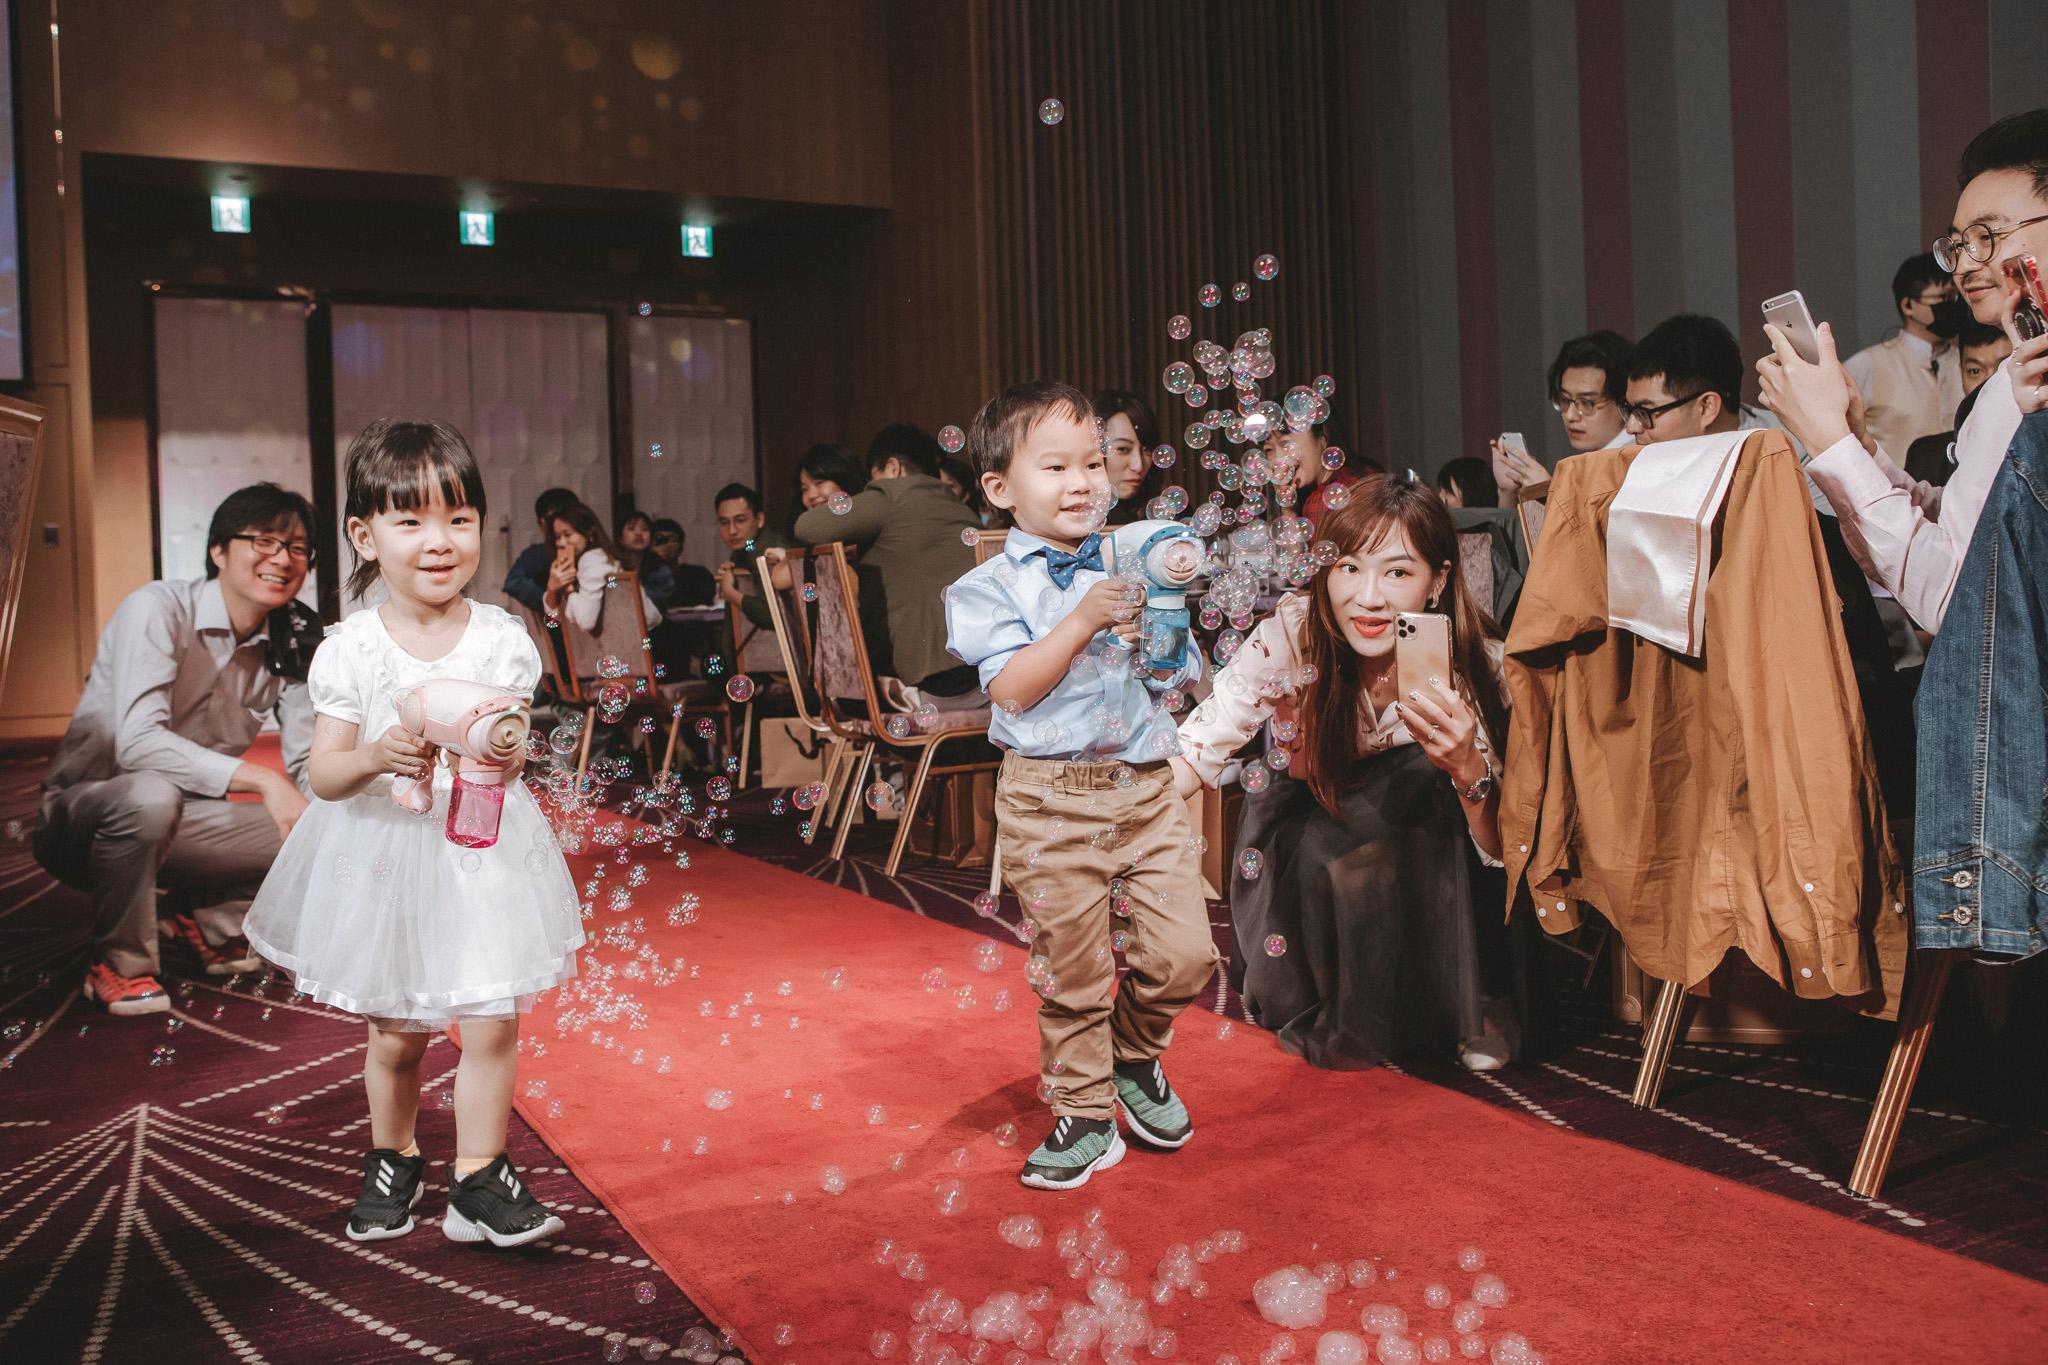 EW 居米 台北婚宴 台北婚紗 台北婚攝 國泰萬怡 台北婚禮 -20